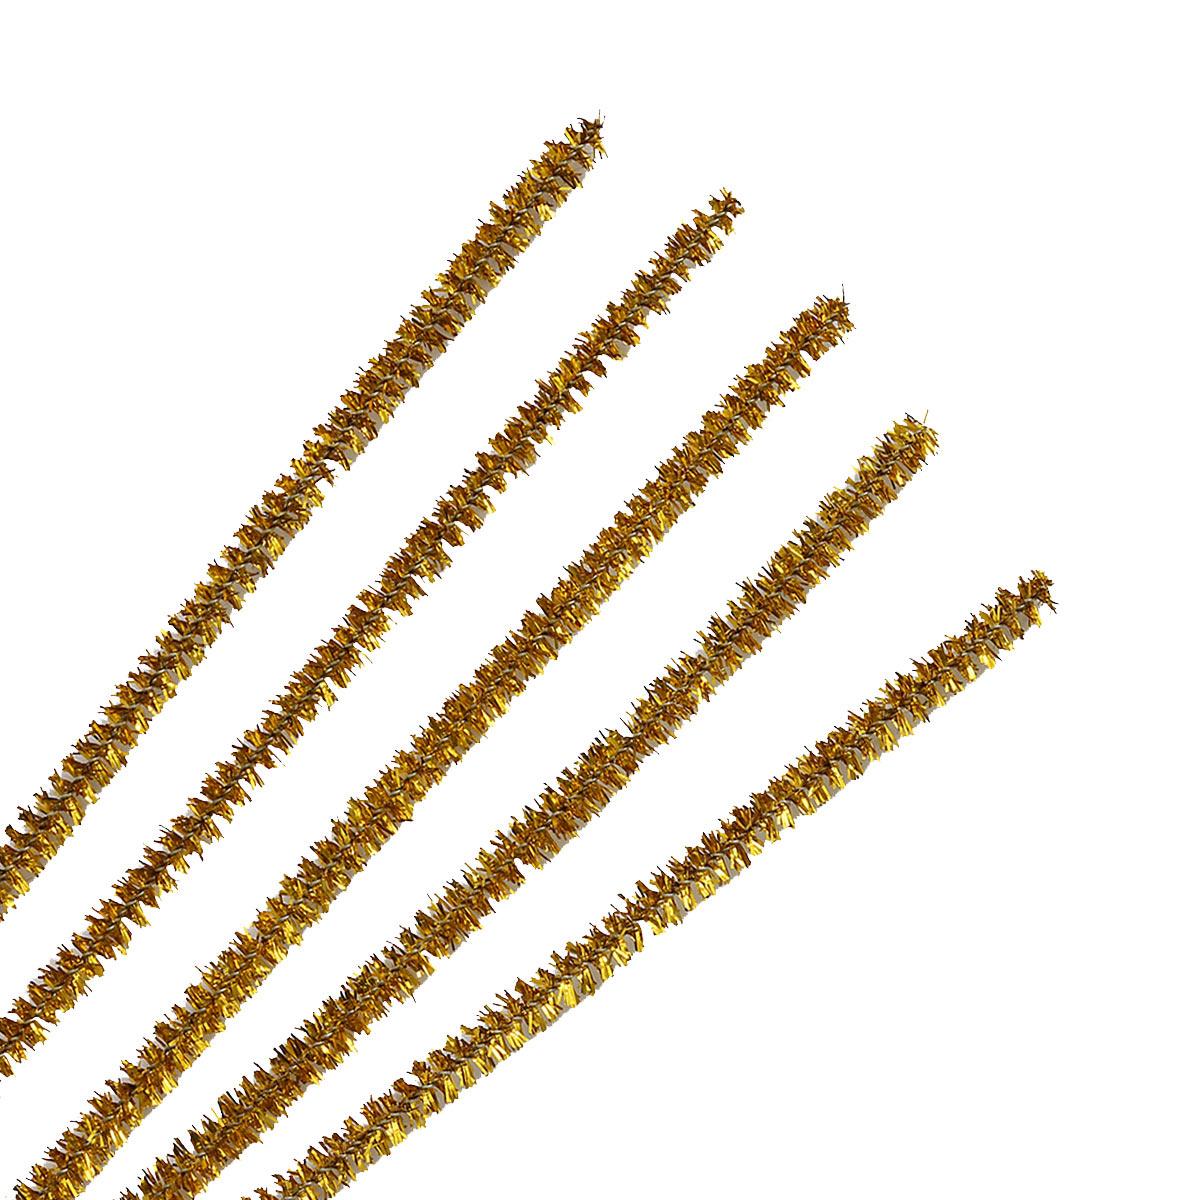 Синель-проволока люрекс, 6 мм*30см, 20шт/упак, Астра